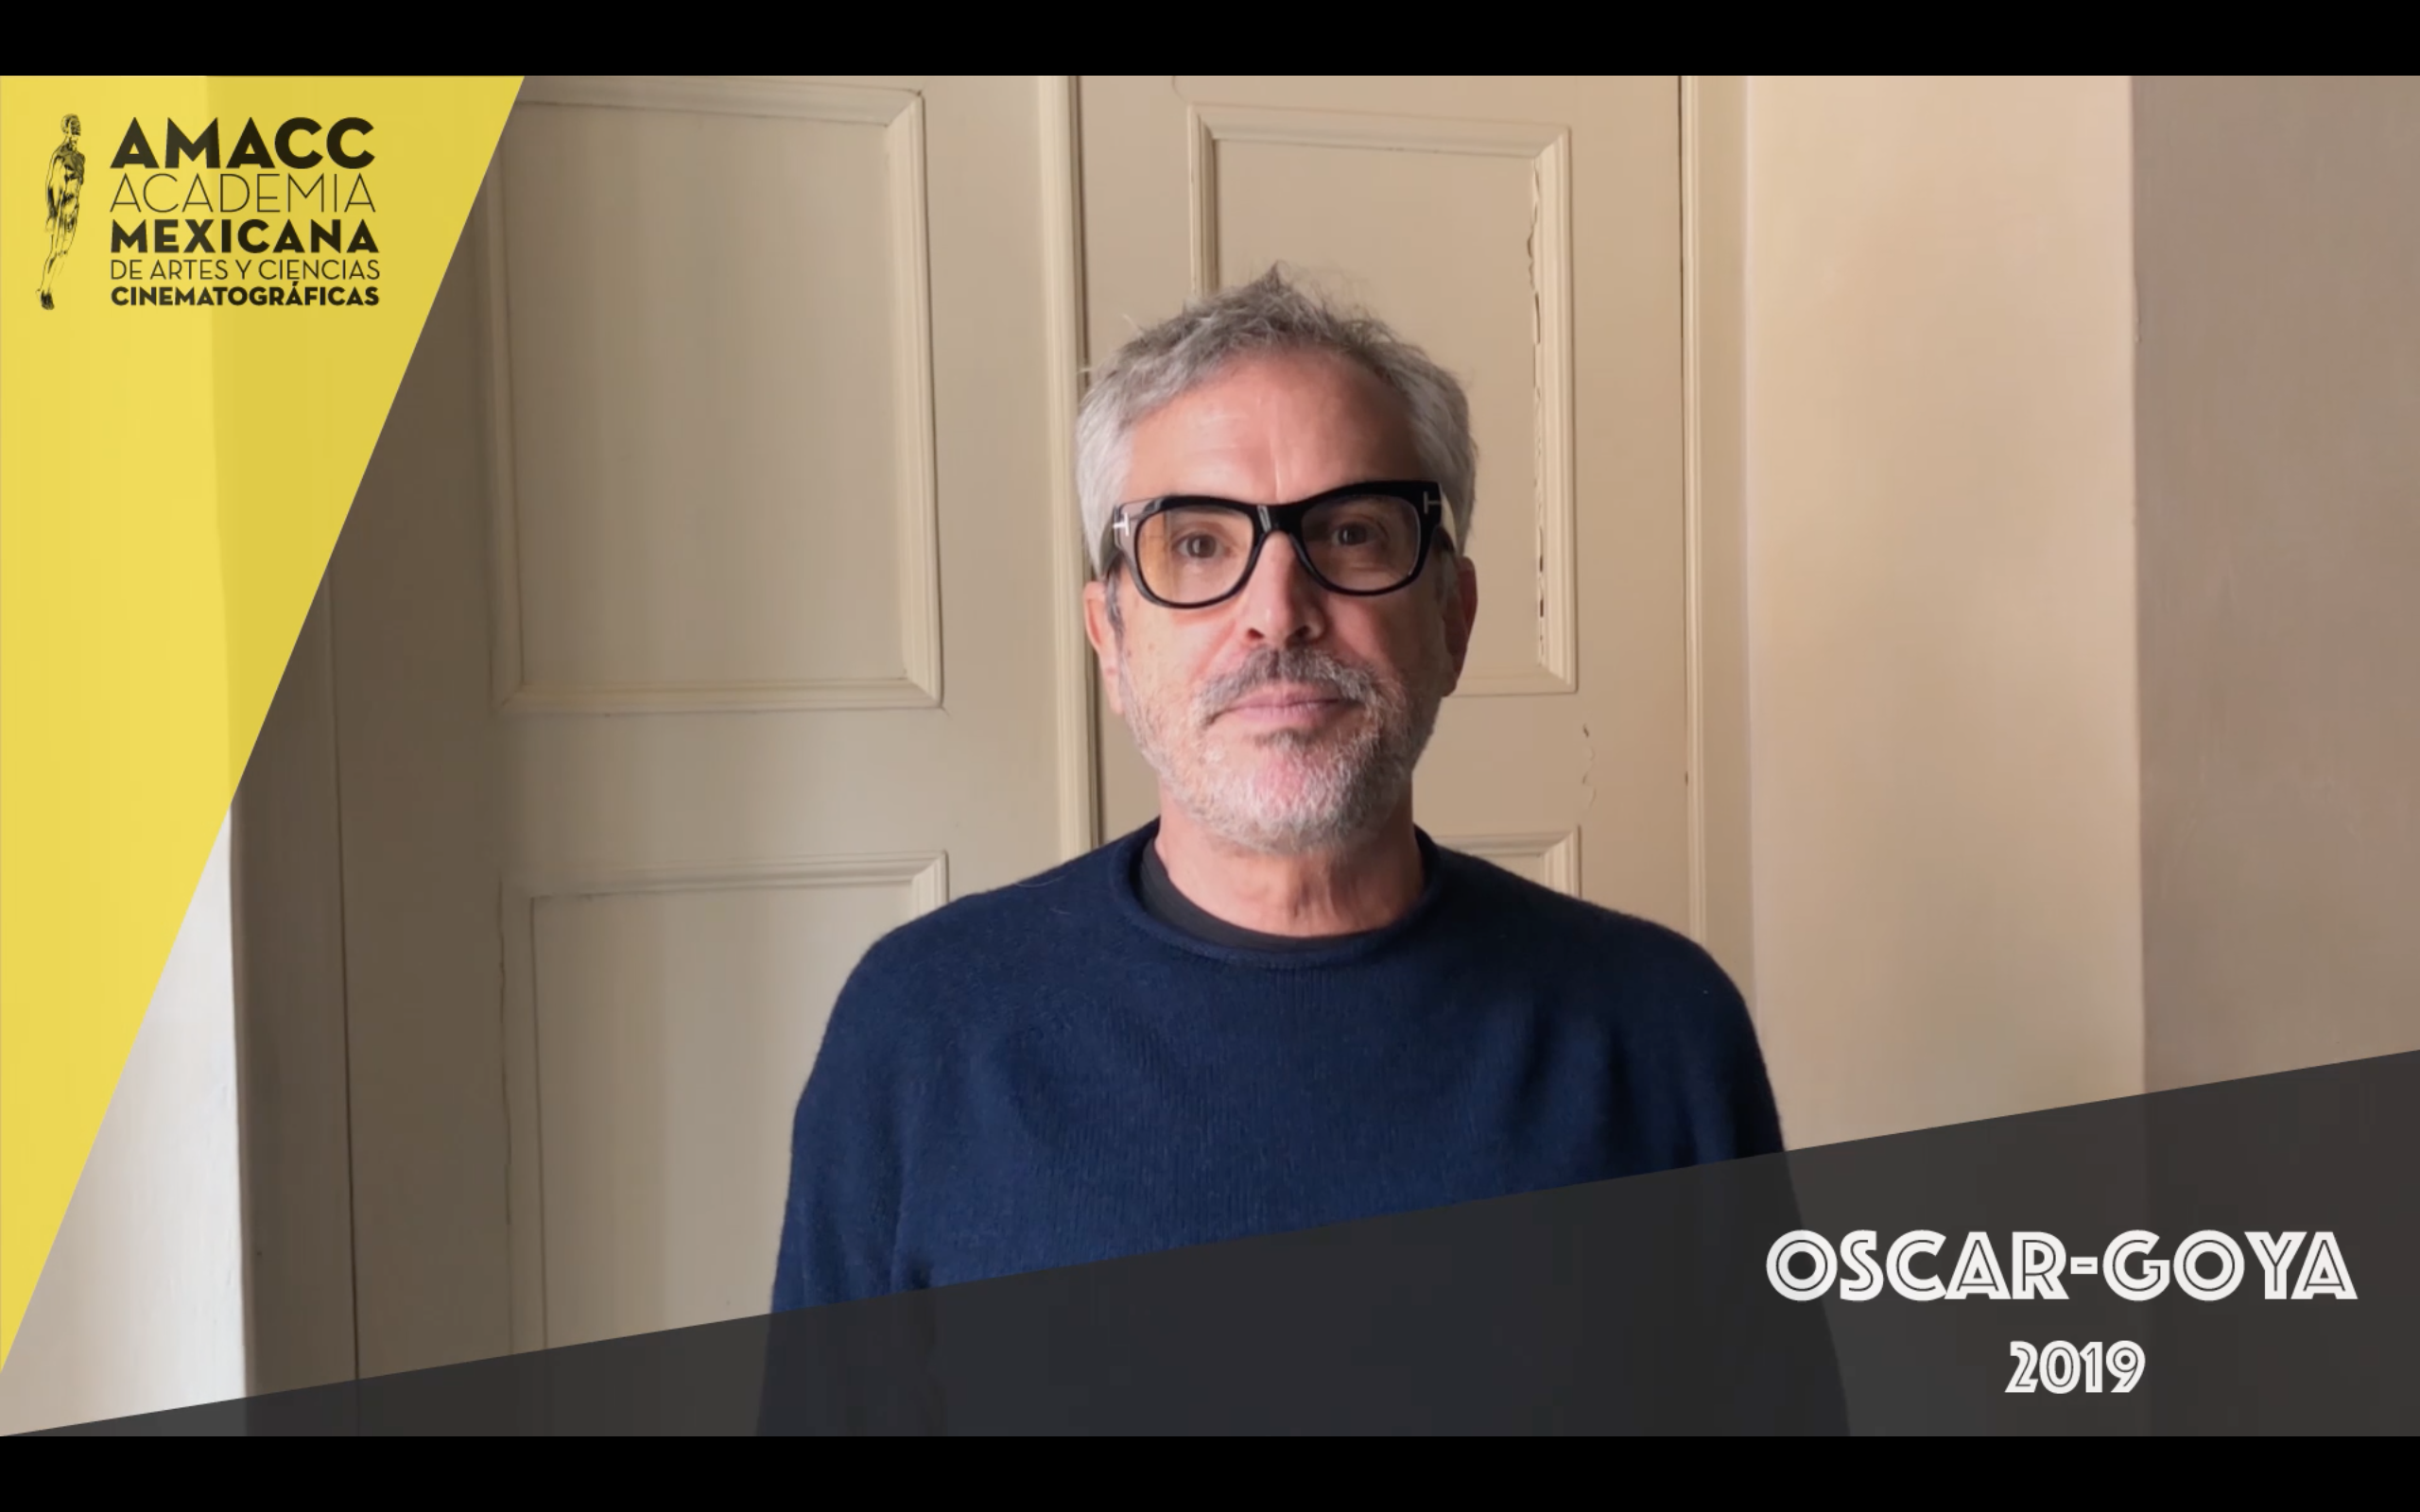 Mensaje de Alfonso Cuarón